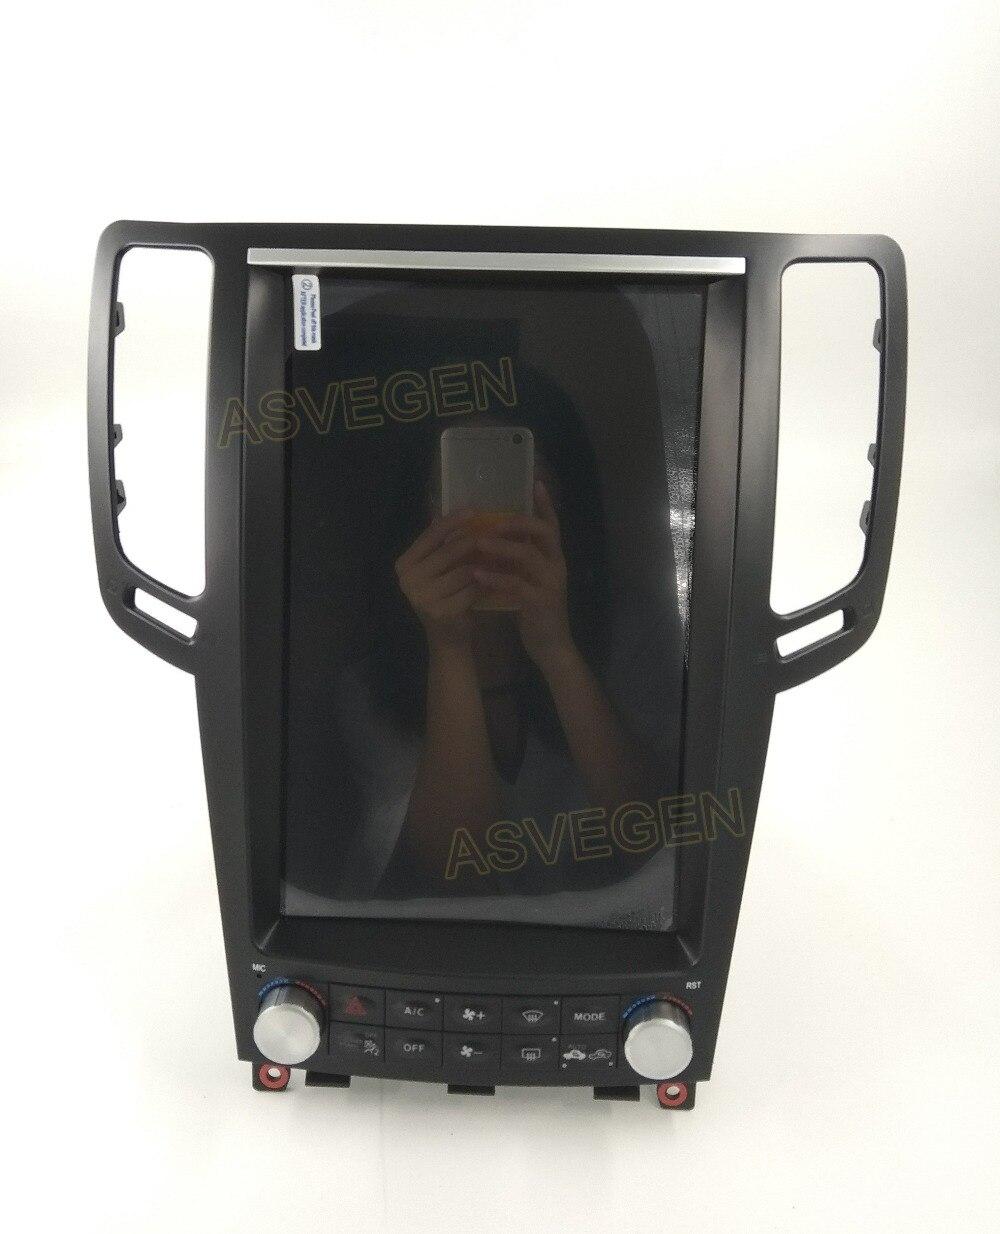 Vidéo de voiture Pour Infiniti G25 G37 G35 G37SAndroid 7.1 Système 2G 32G Vertical Écran Car Styling Navigation Multimédia lecteur de voiture